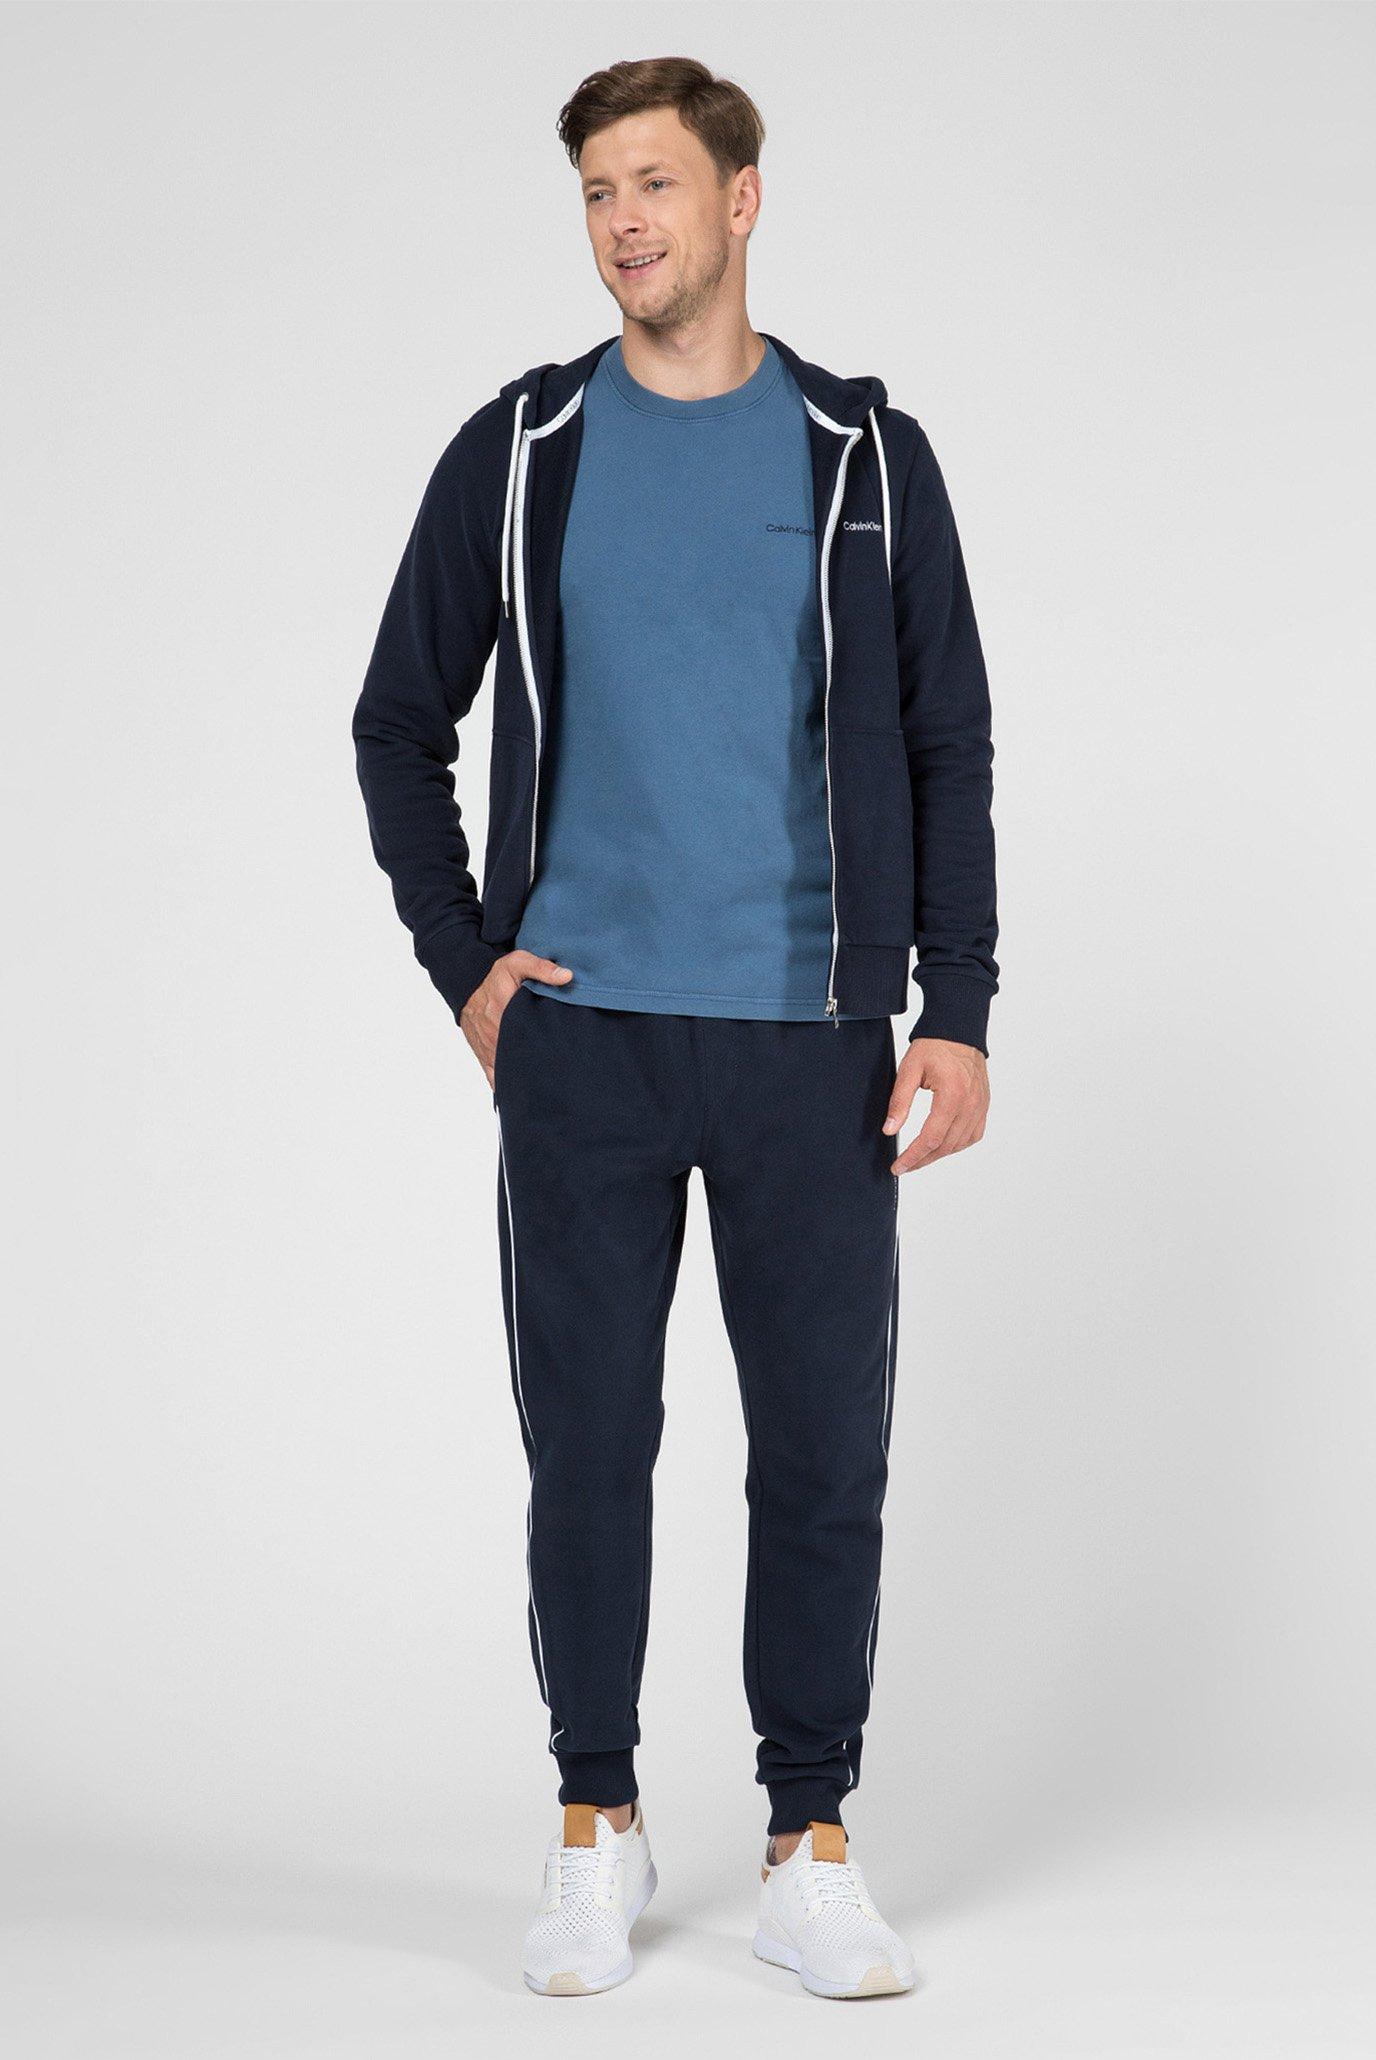 Купить Мужские темно-синие спортивные брюки Calvin Klein Calvin Klein K10K103090 – Киев, Украина. Цены в интернет магазине MD Fashion